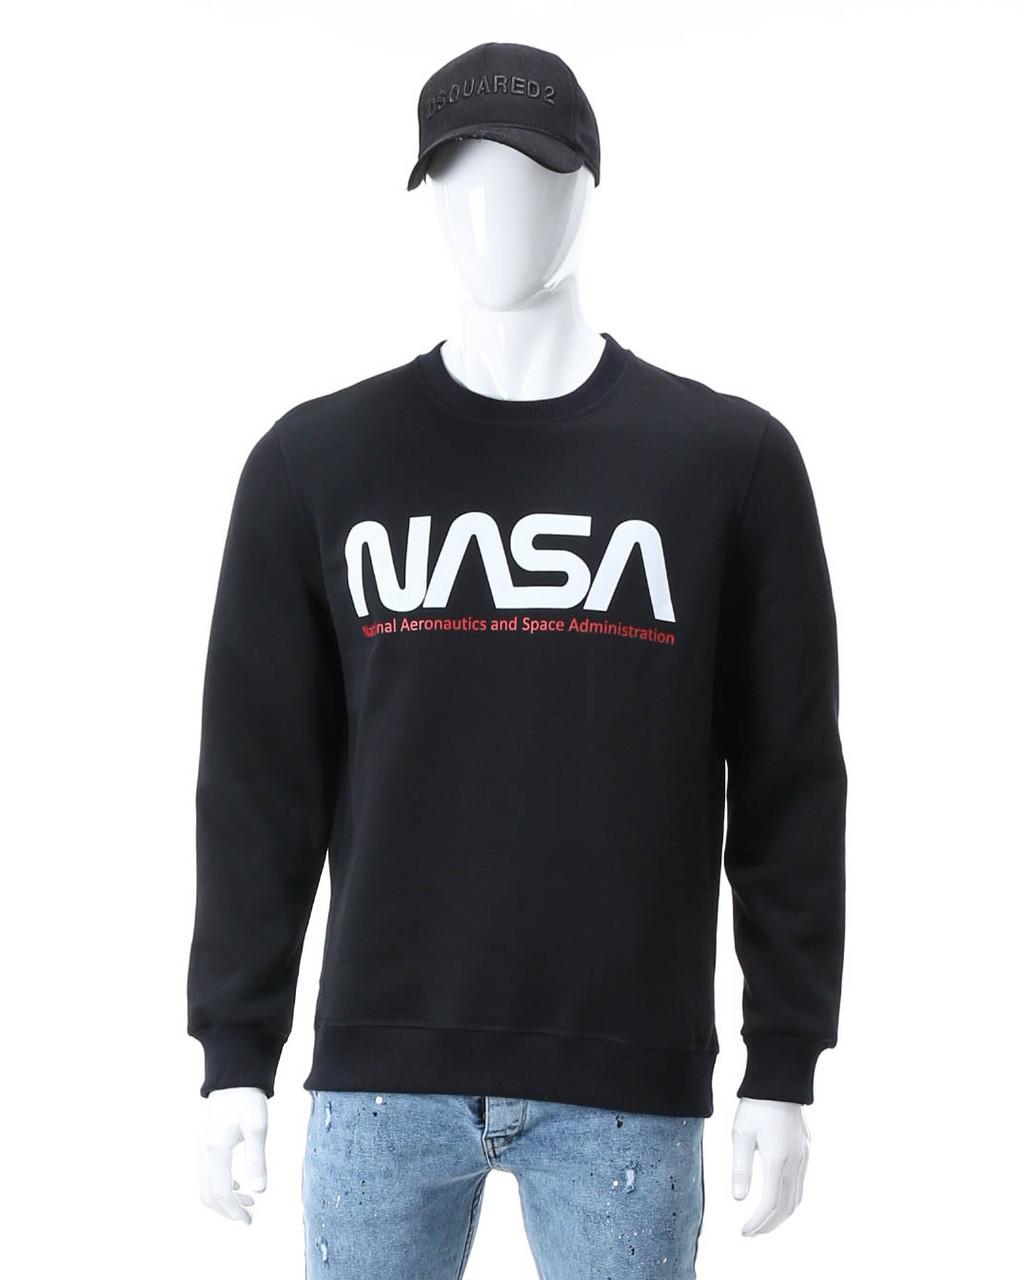 Свитшот осень-зима т синий NASA №6 DBLU 2XL(Р) 20-535-003